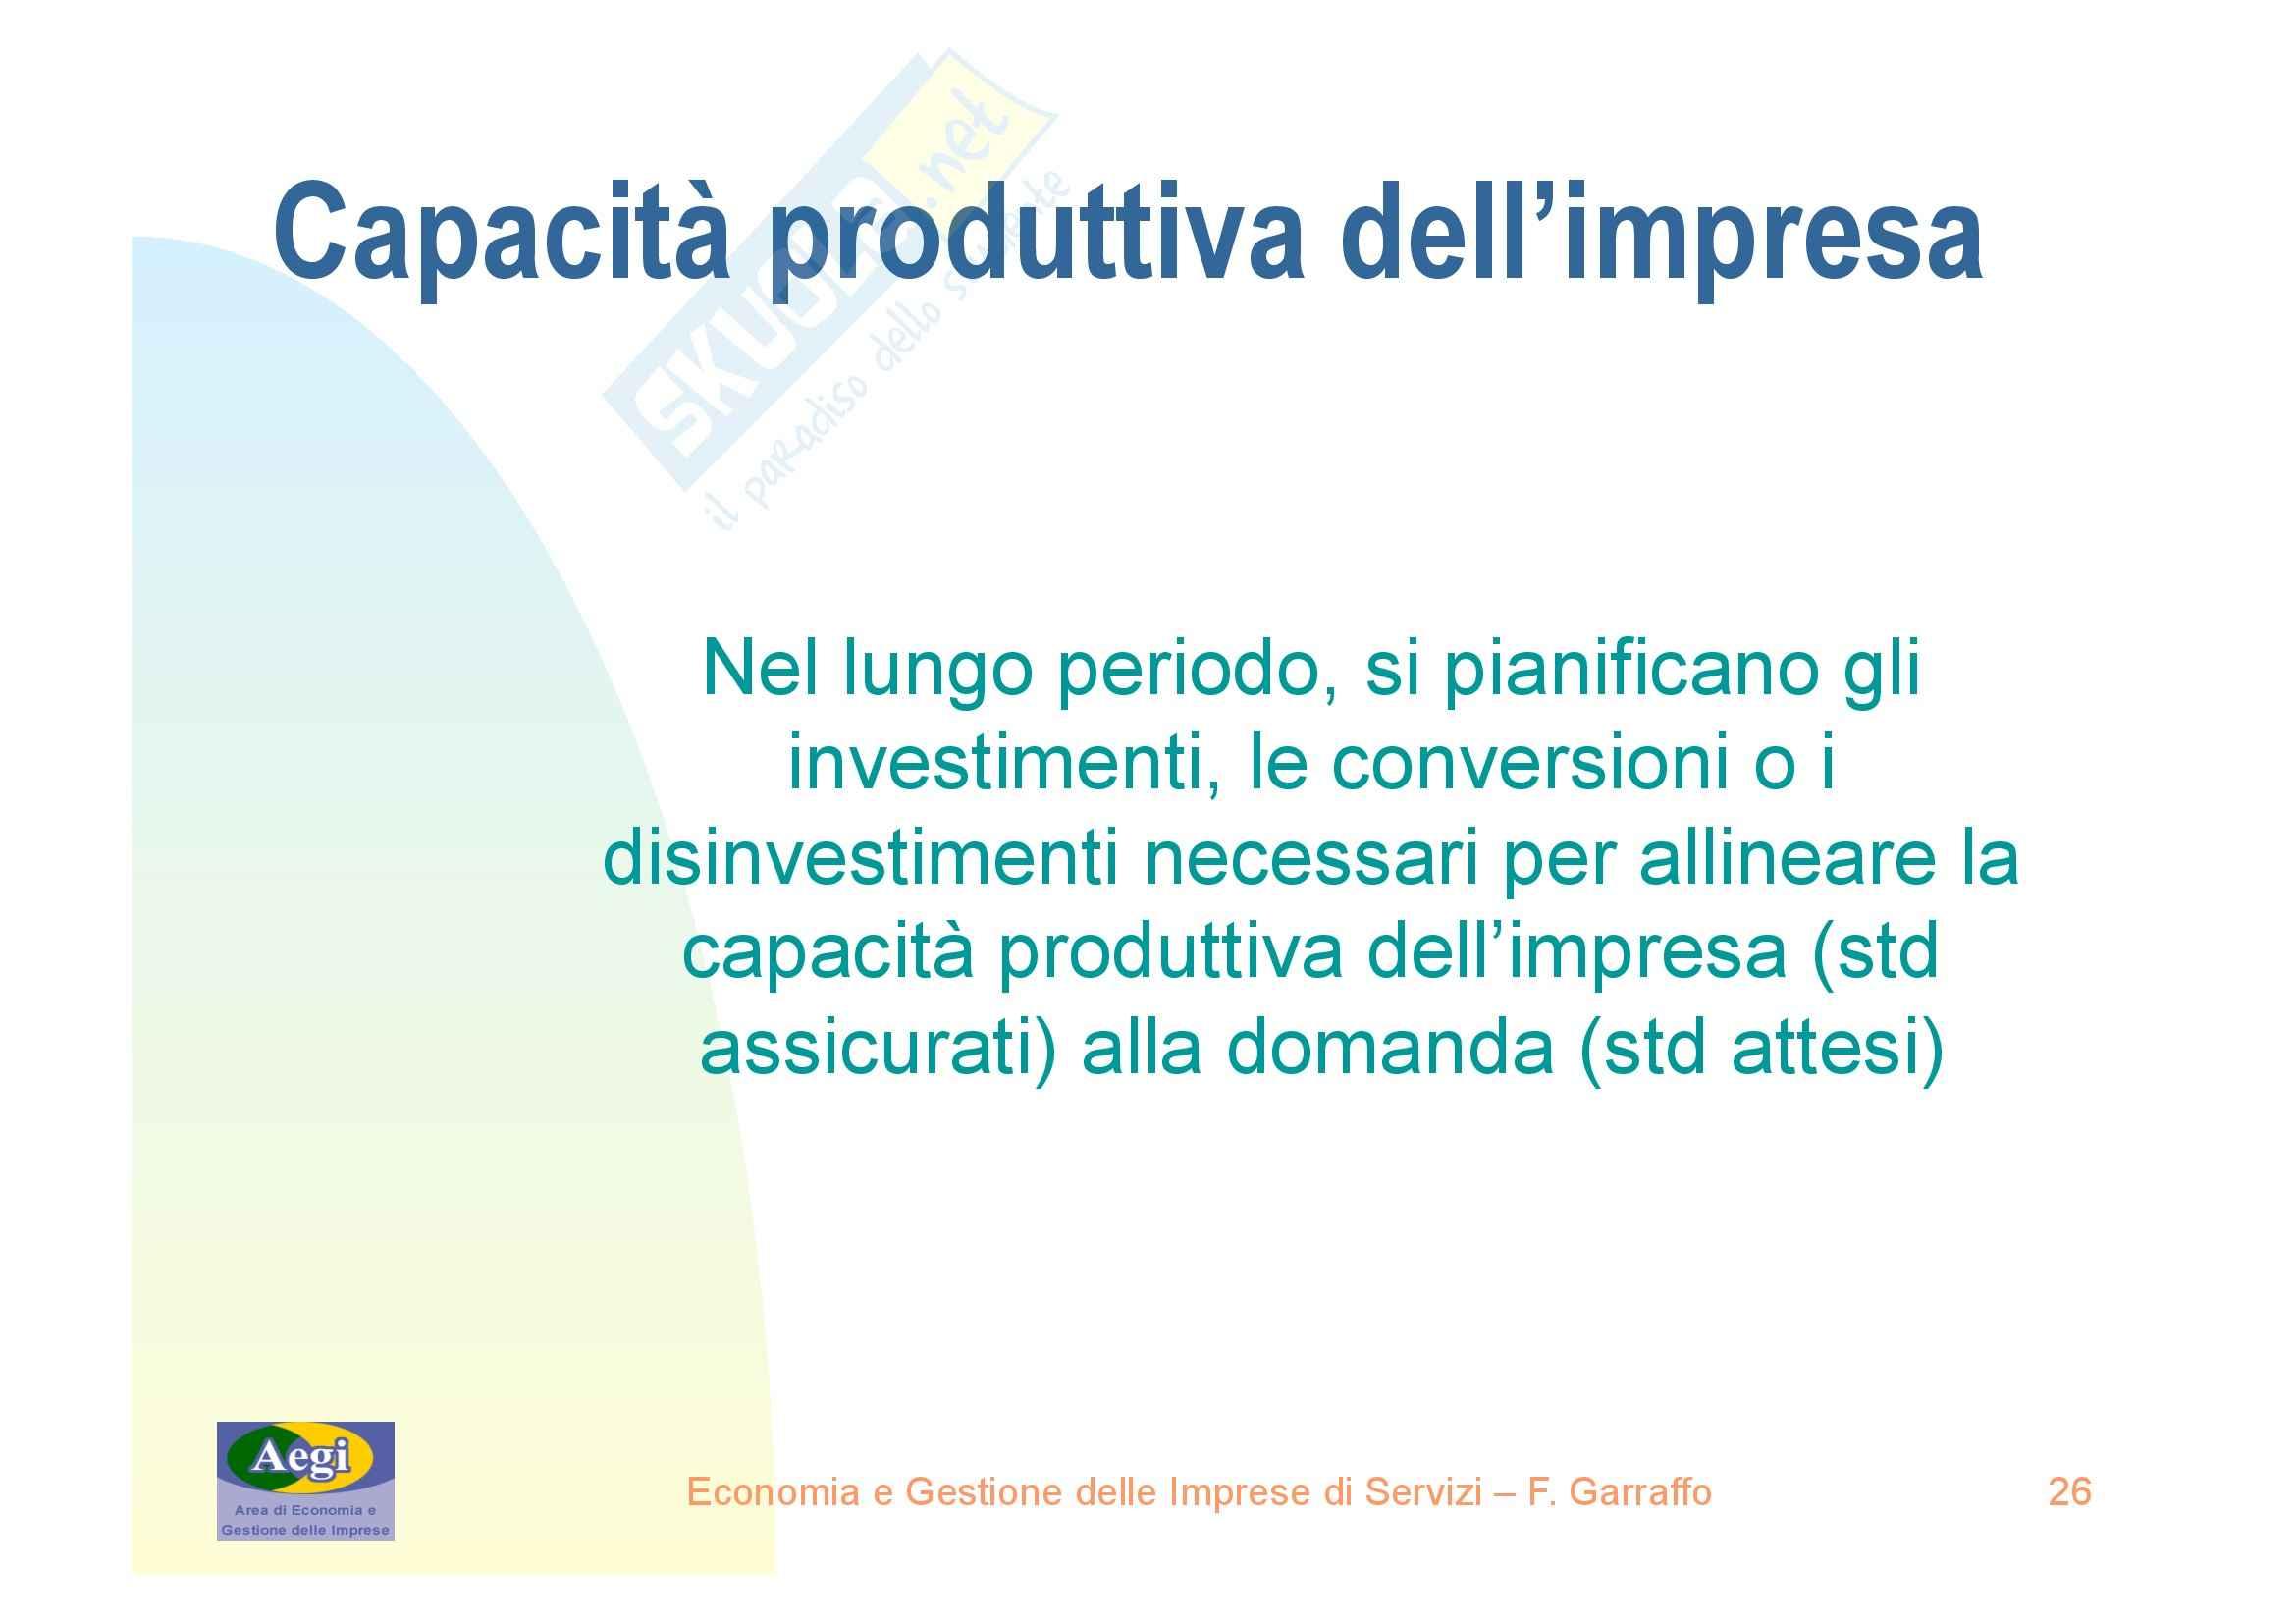 Economia e gestione delle imprese di servizi - nozioni generali Pag. 26